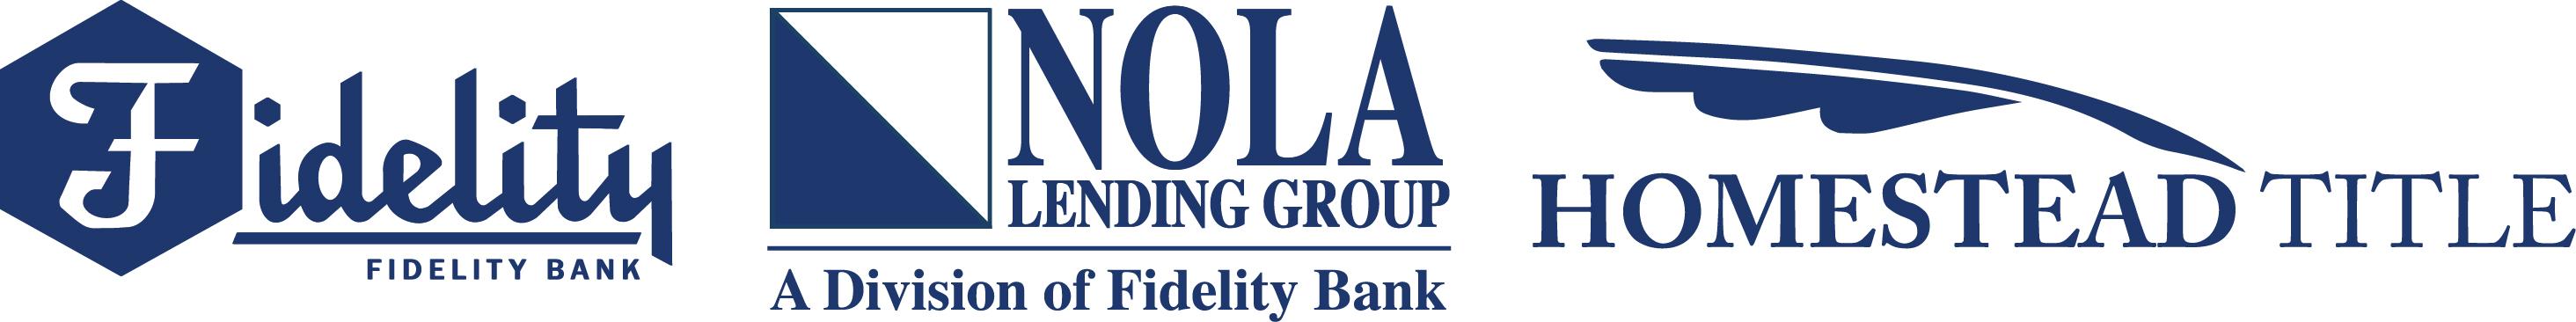 silver sponsor - fidelity